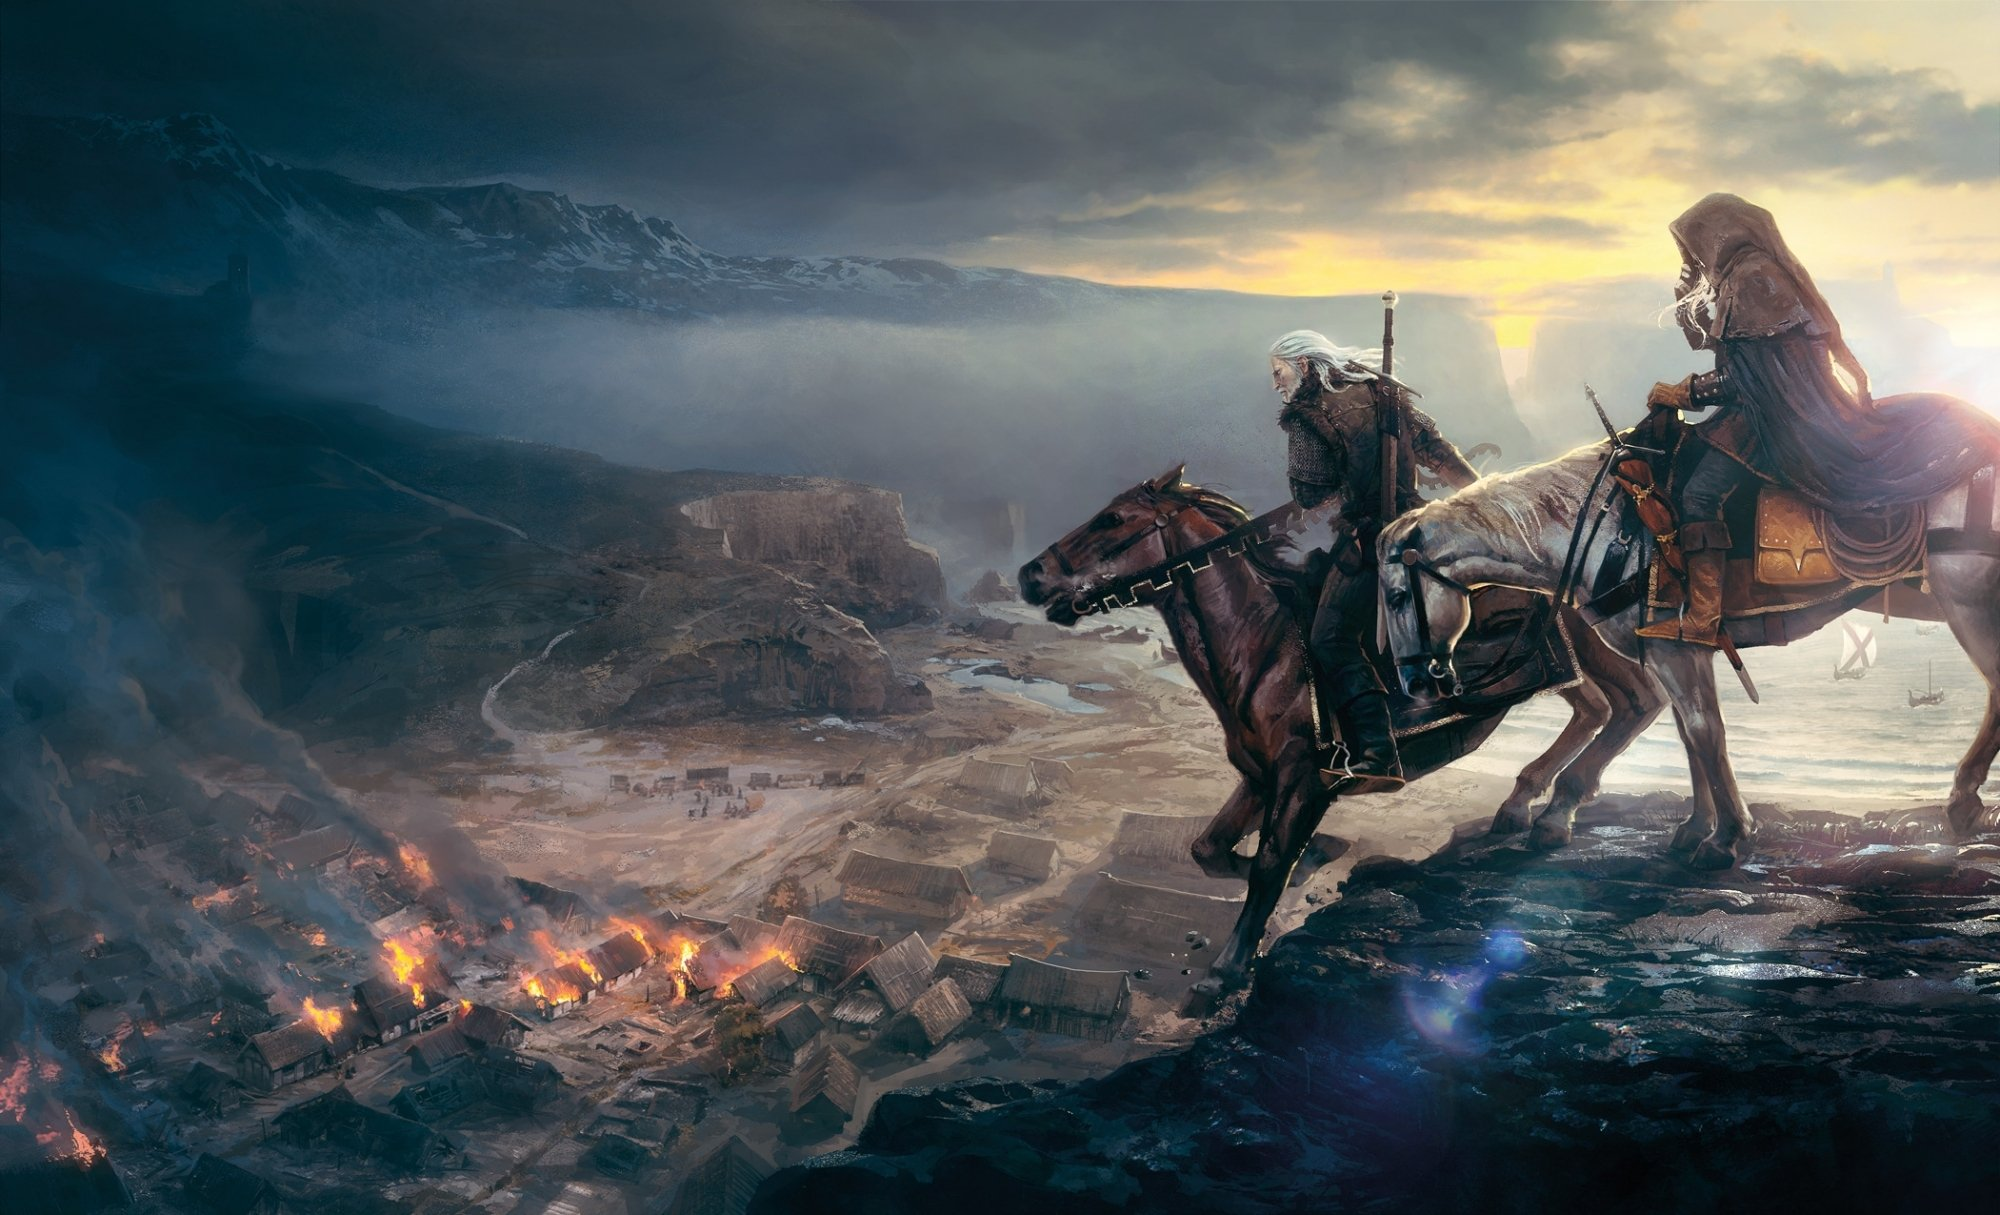 The Witcher 3: Wild Hunt. Оценки!  GameSpot — 10/10  Одна из лучших игр в истории  GameGuru - 10/10 Gameswelt - 10/ ... - Изображение 5